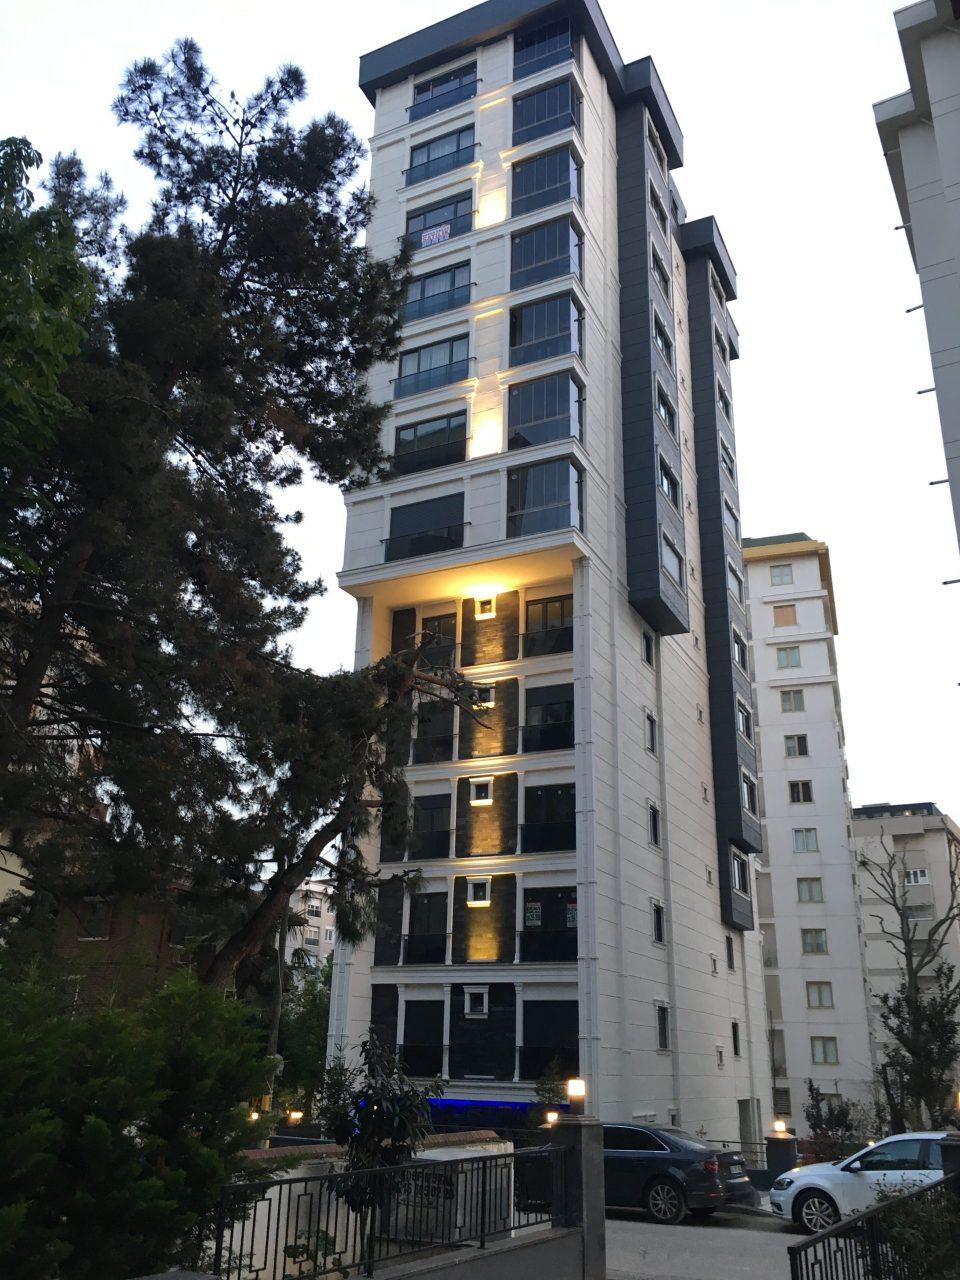 Yurttaş İnşaat - Huzur Apartmanı - Feneryolu - Fotoğraf 2